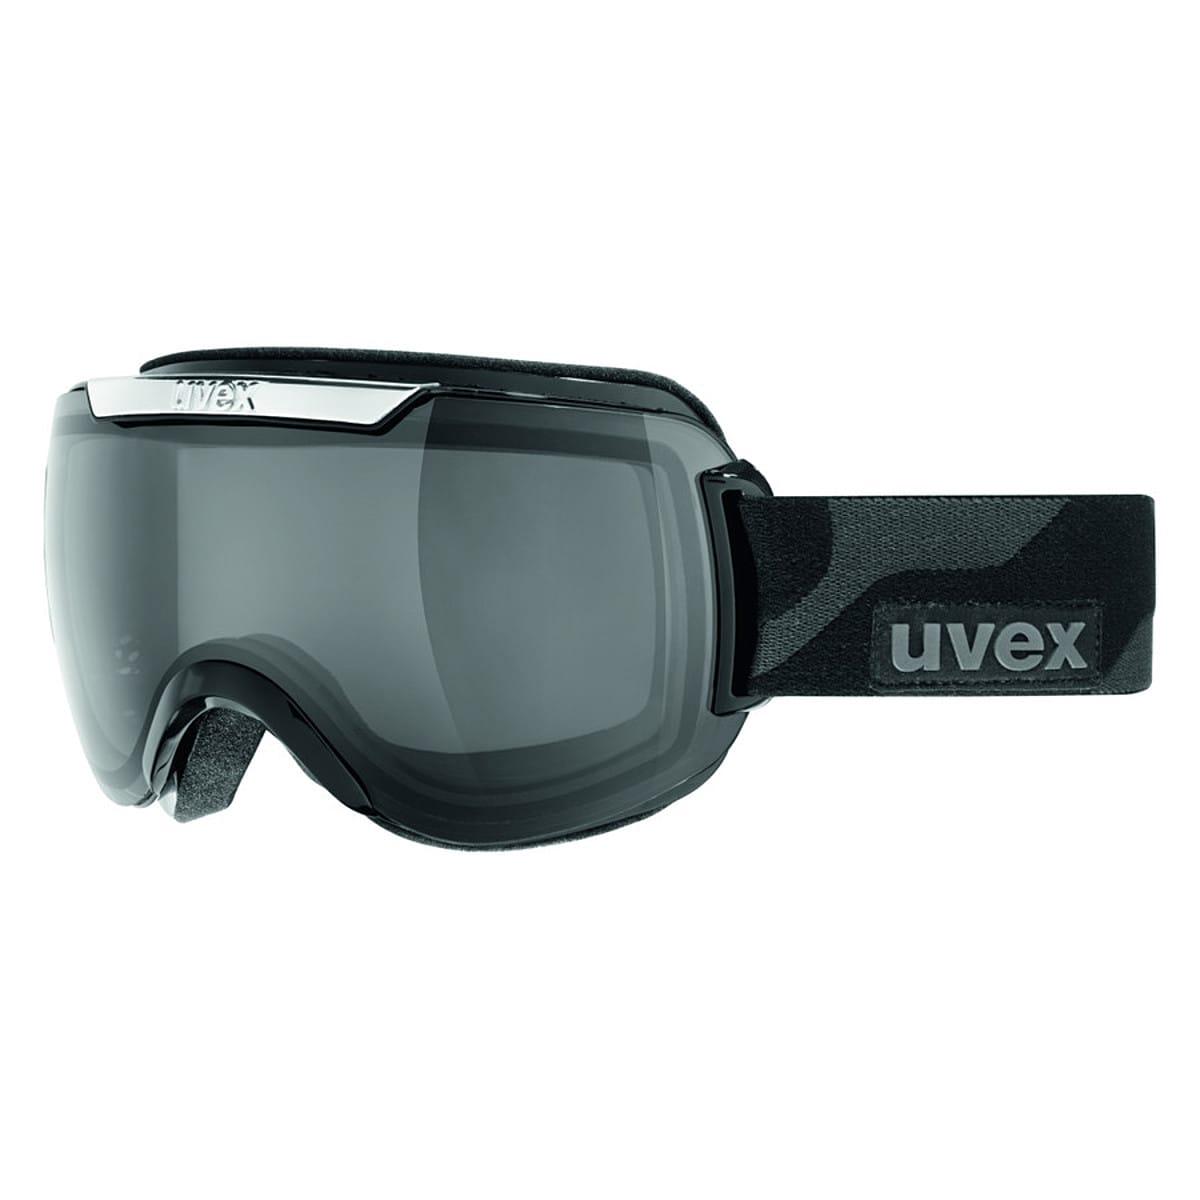 photo: Uvex Downhill 2000 Variomatic Polavision Goggle goggle